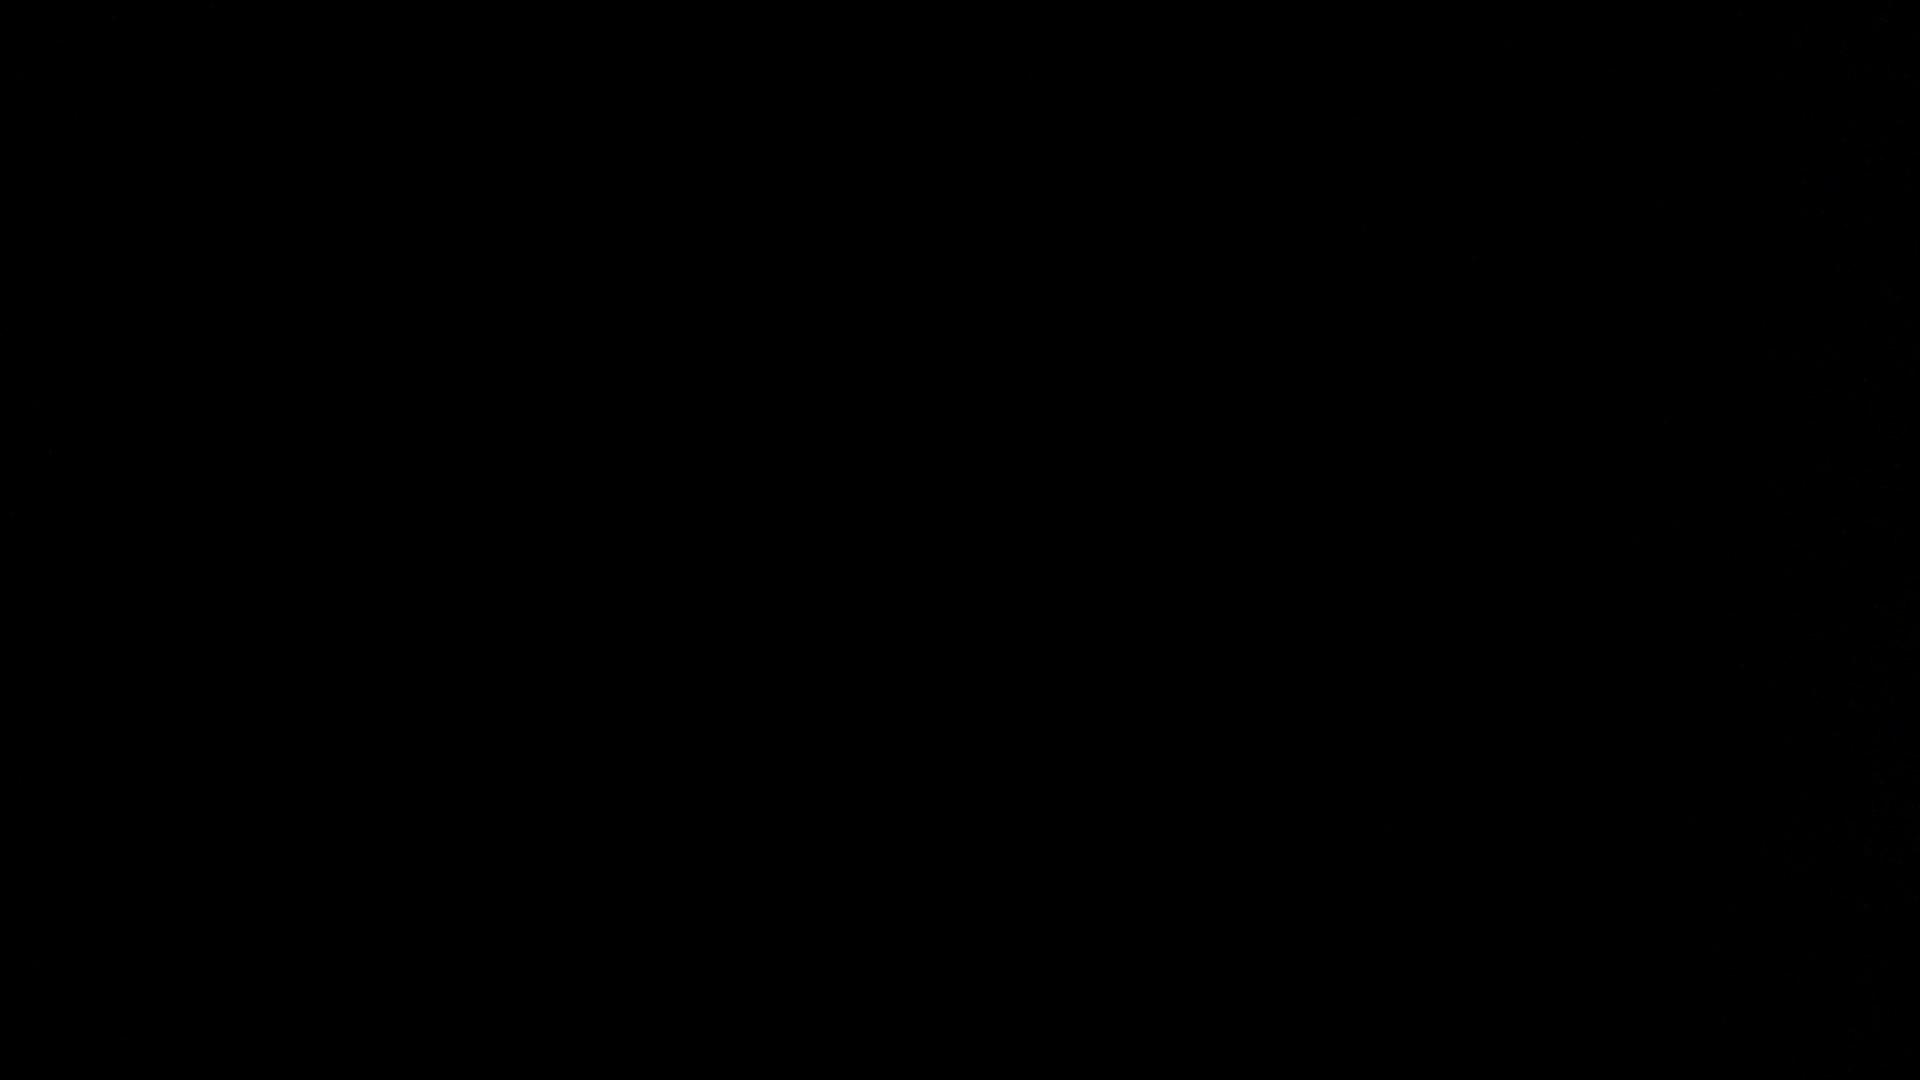 ゆめかわ男子のゆめかわオナニージャニーズ編vol.09 スリム美少年系ジャニ系  76連発 15